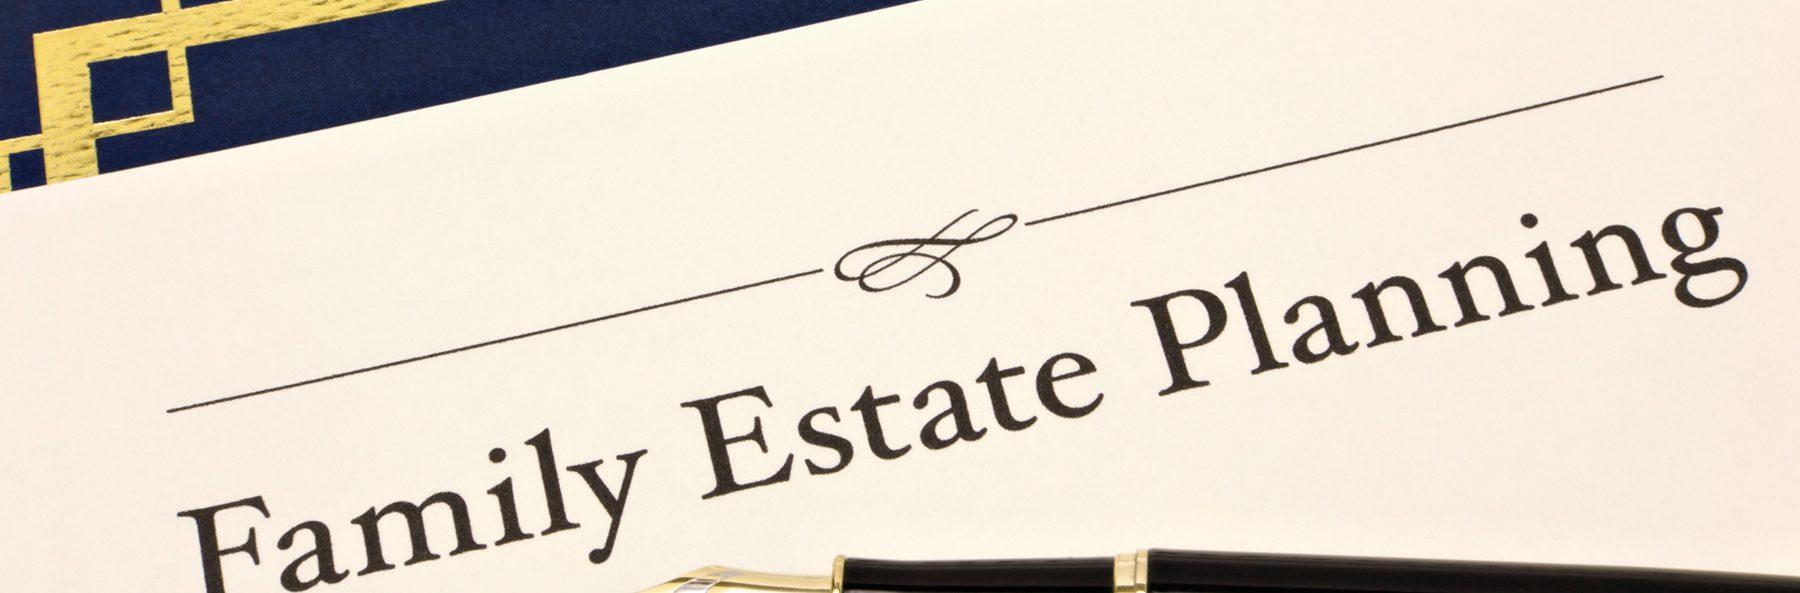 Estate Planning Attorney Clermont FL